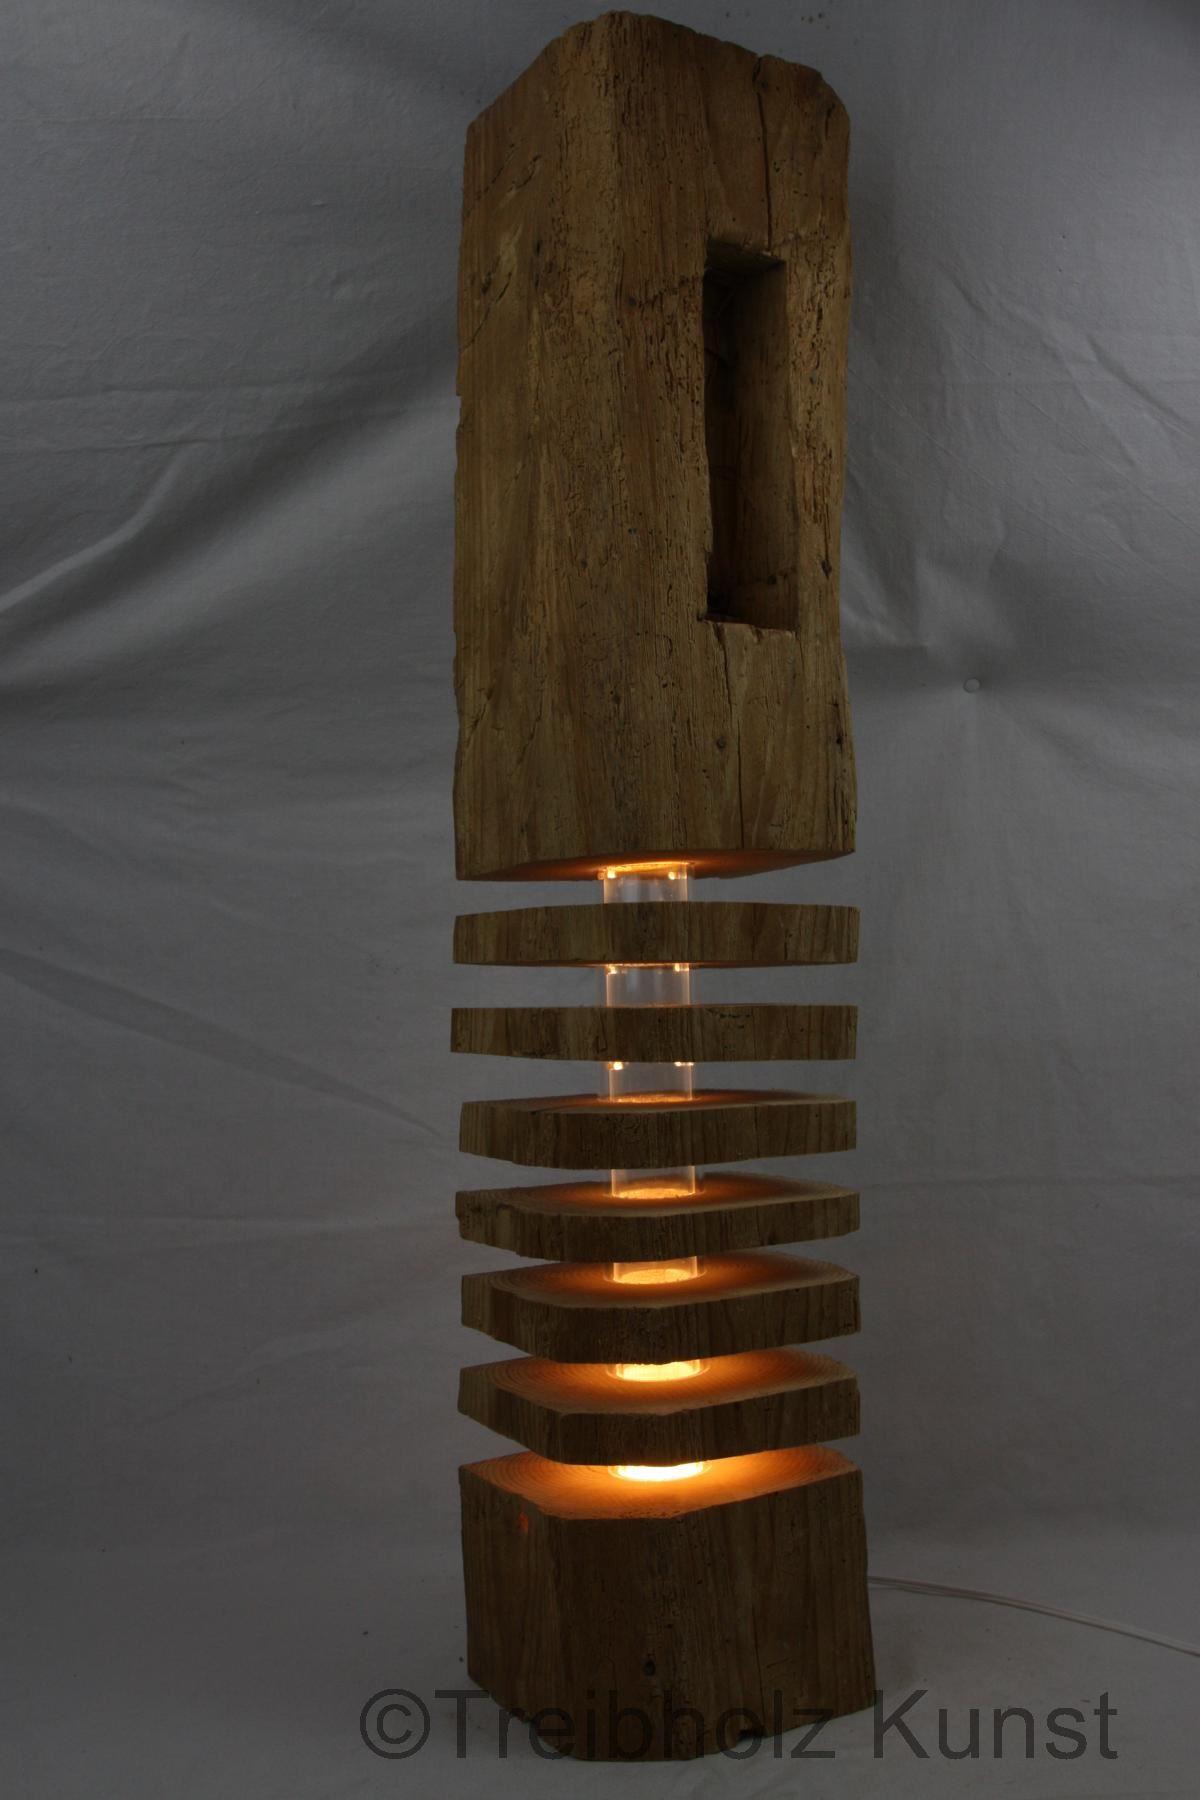 treibholz altholz designlampe designerlampe indirekte beleuchtung. Black Bedroom Furniture Sets. Home Design Ideas